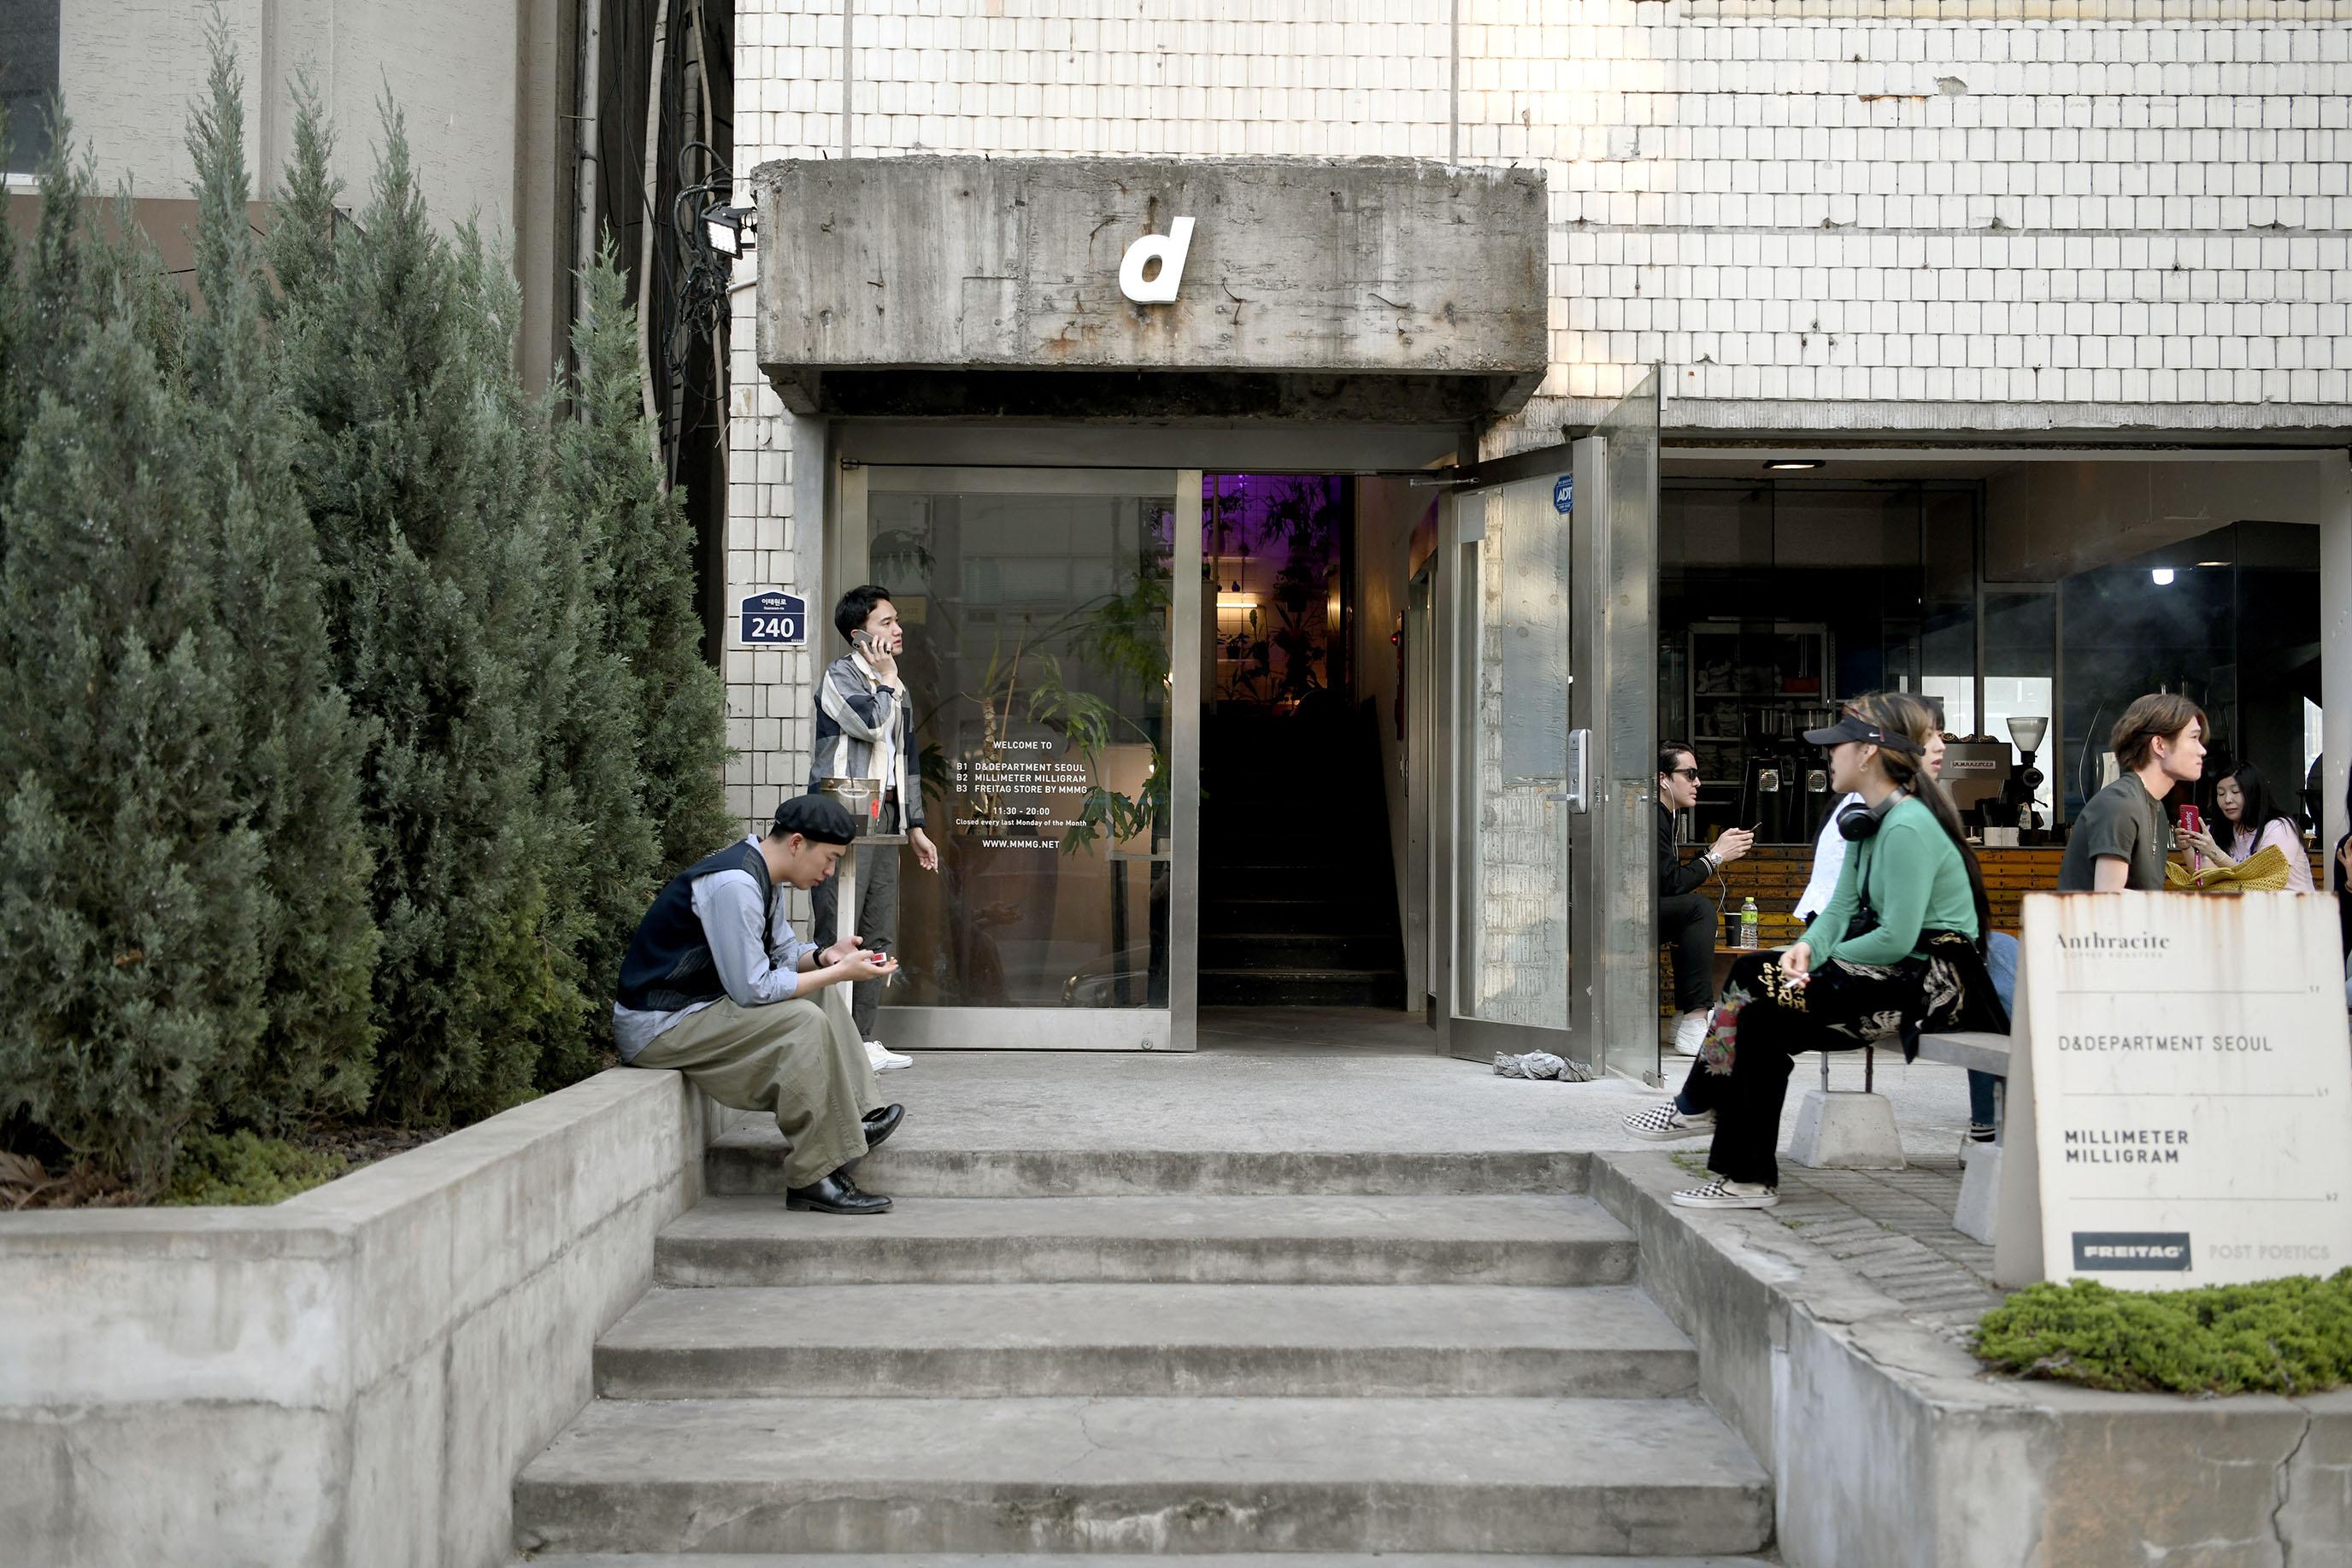 首爾5間選物店|想將旅行的美好小事,收進常日的生活裡。